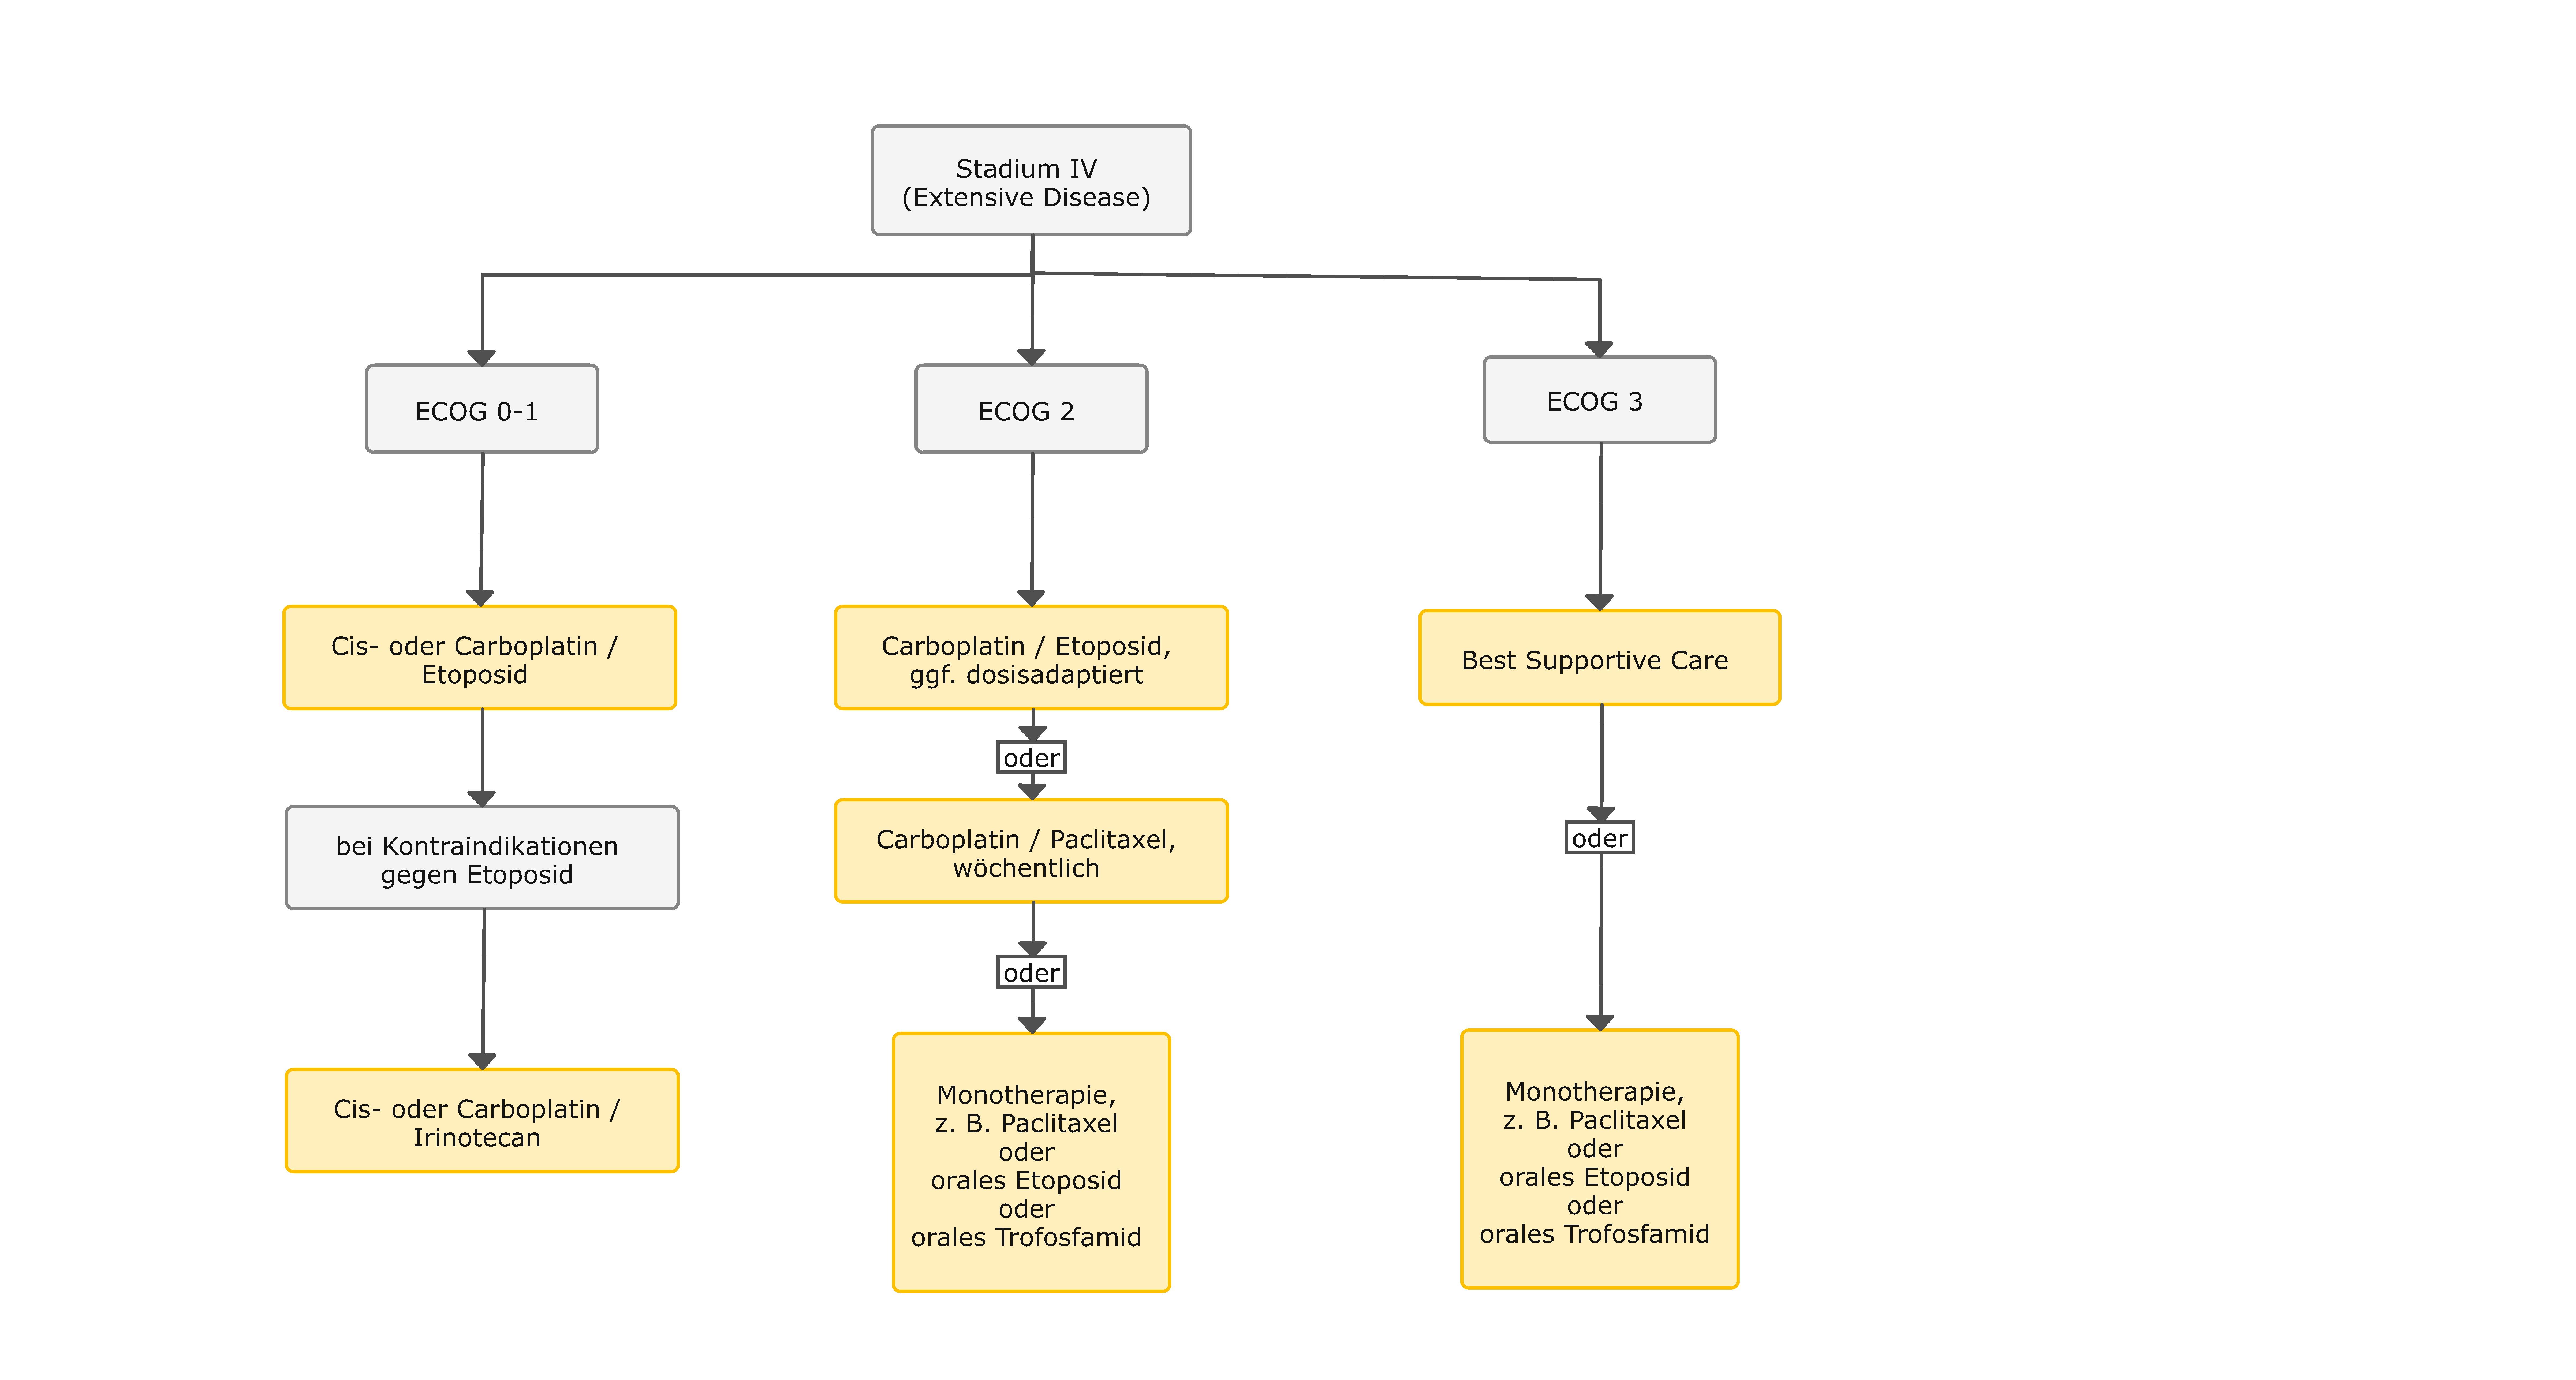 Algorithmus für die palliative, medikamentöse Erstlinientherapie beim SCLC